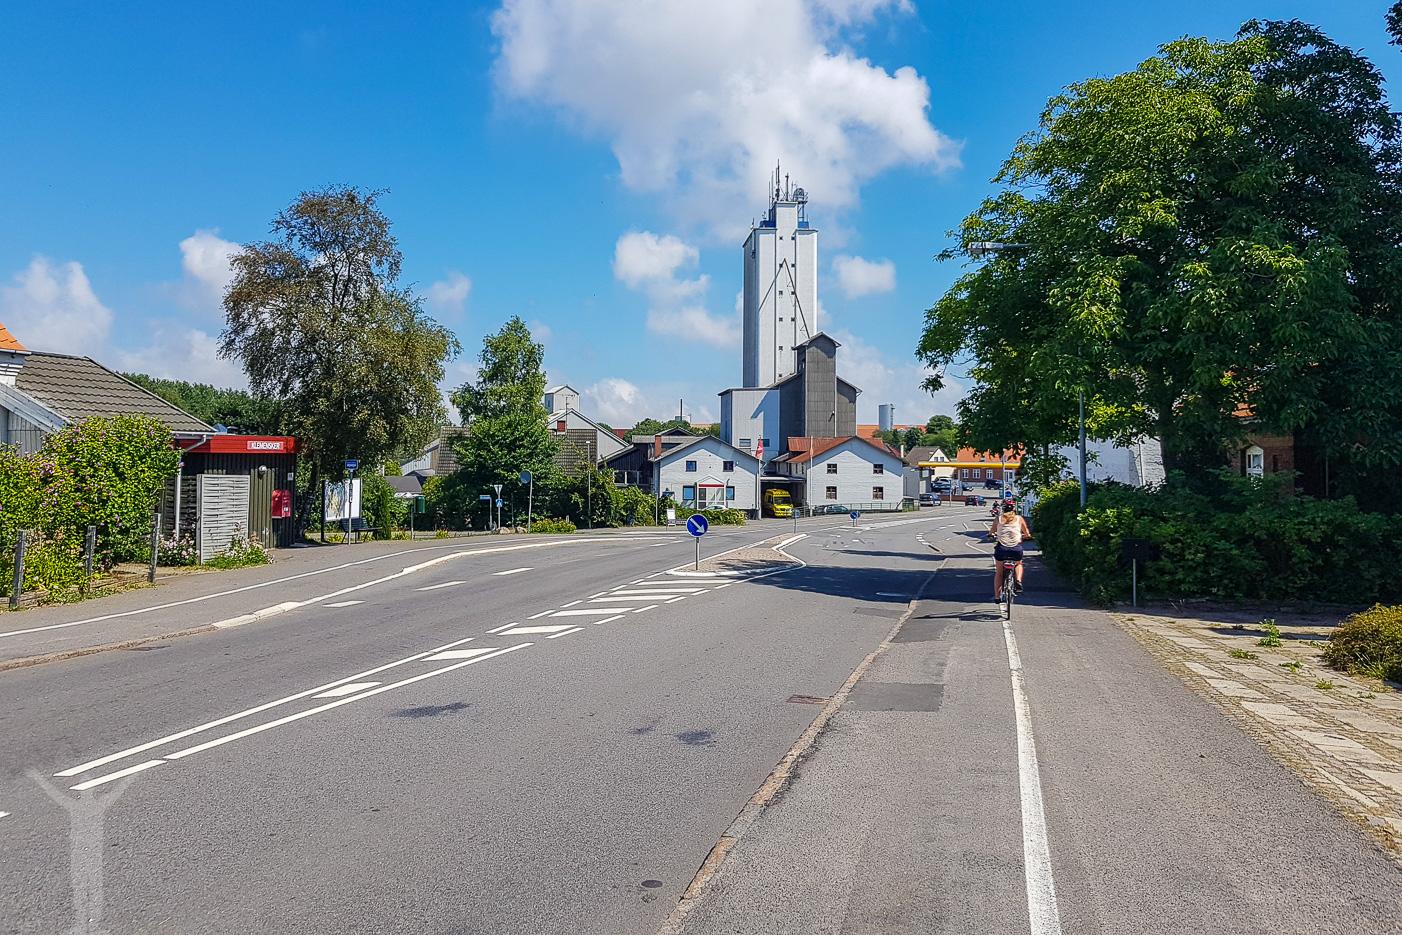 Klemensker på Bornholm